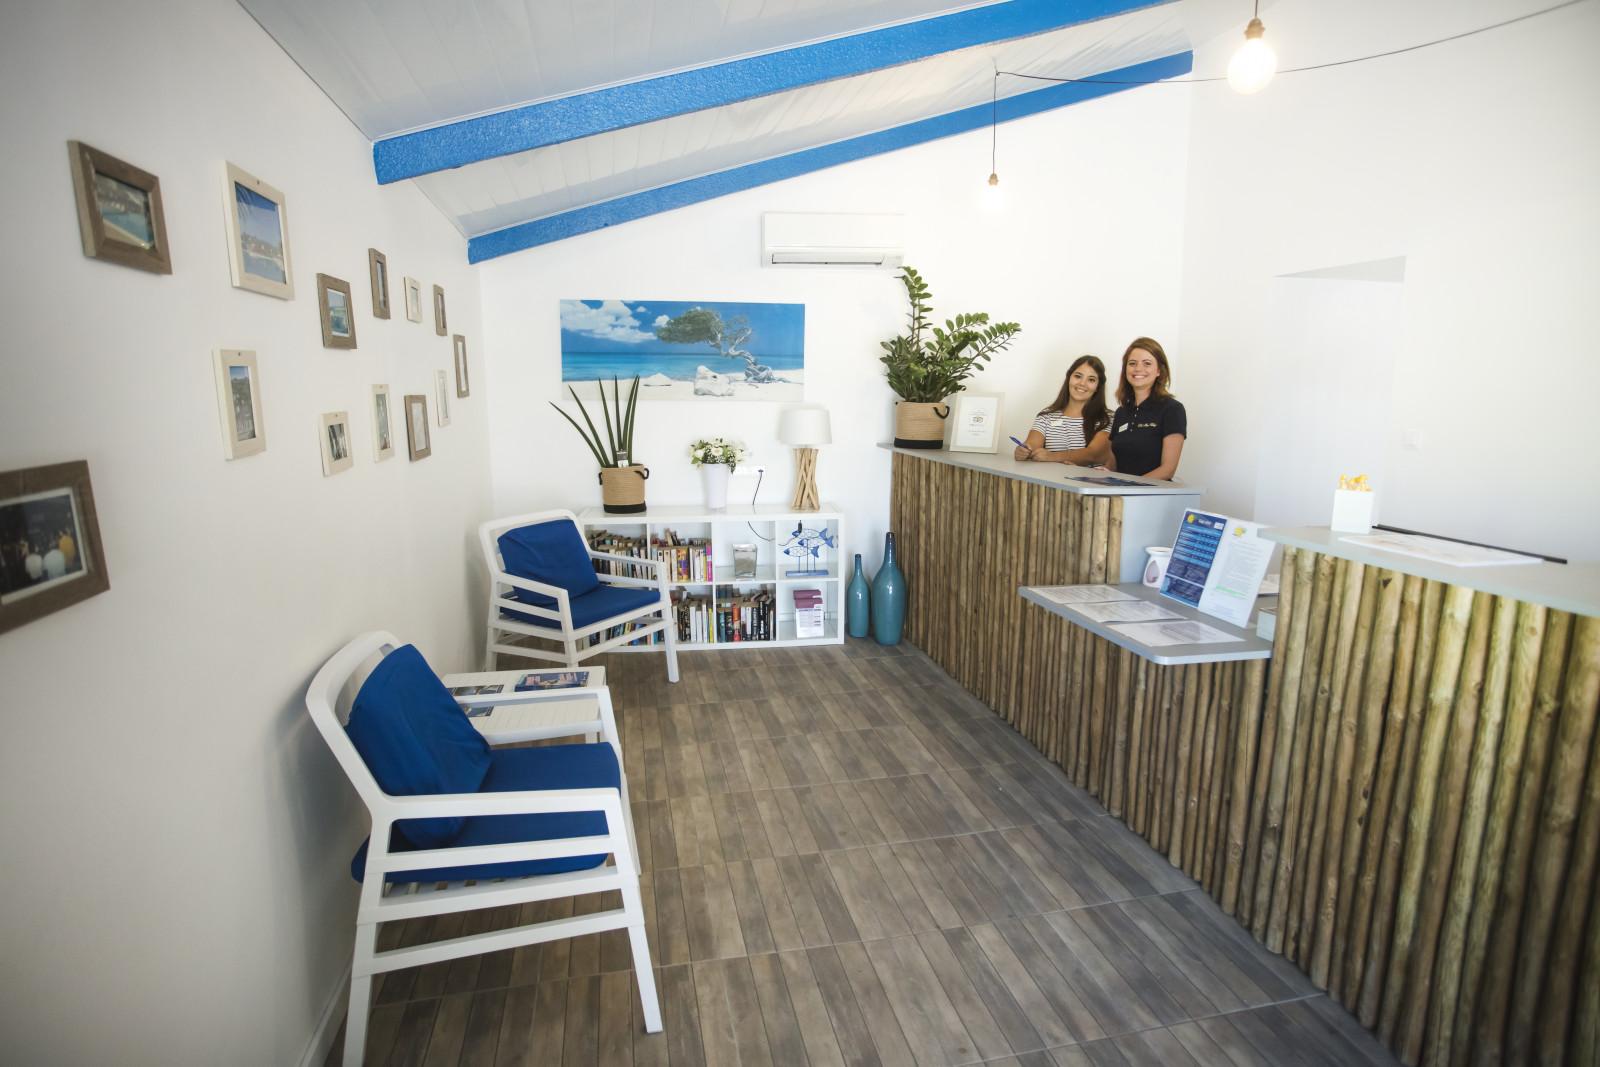 Réception Del Mar village